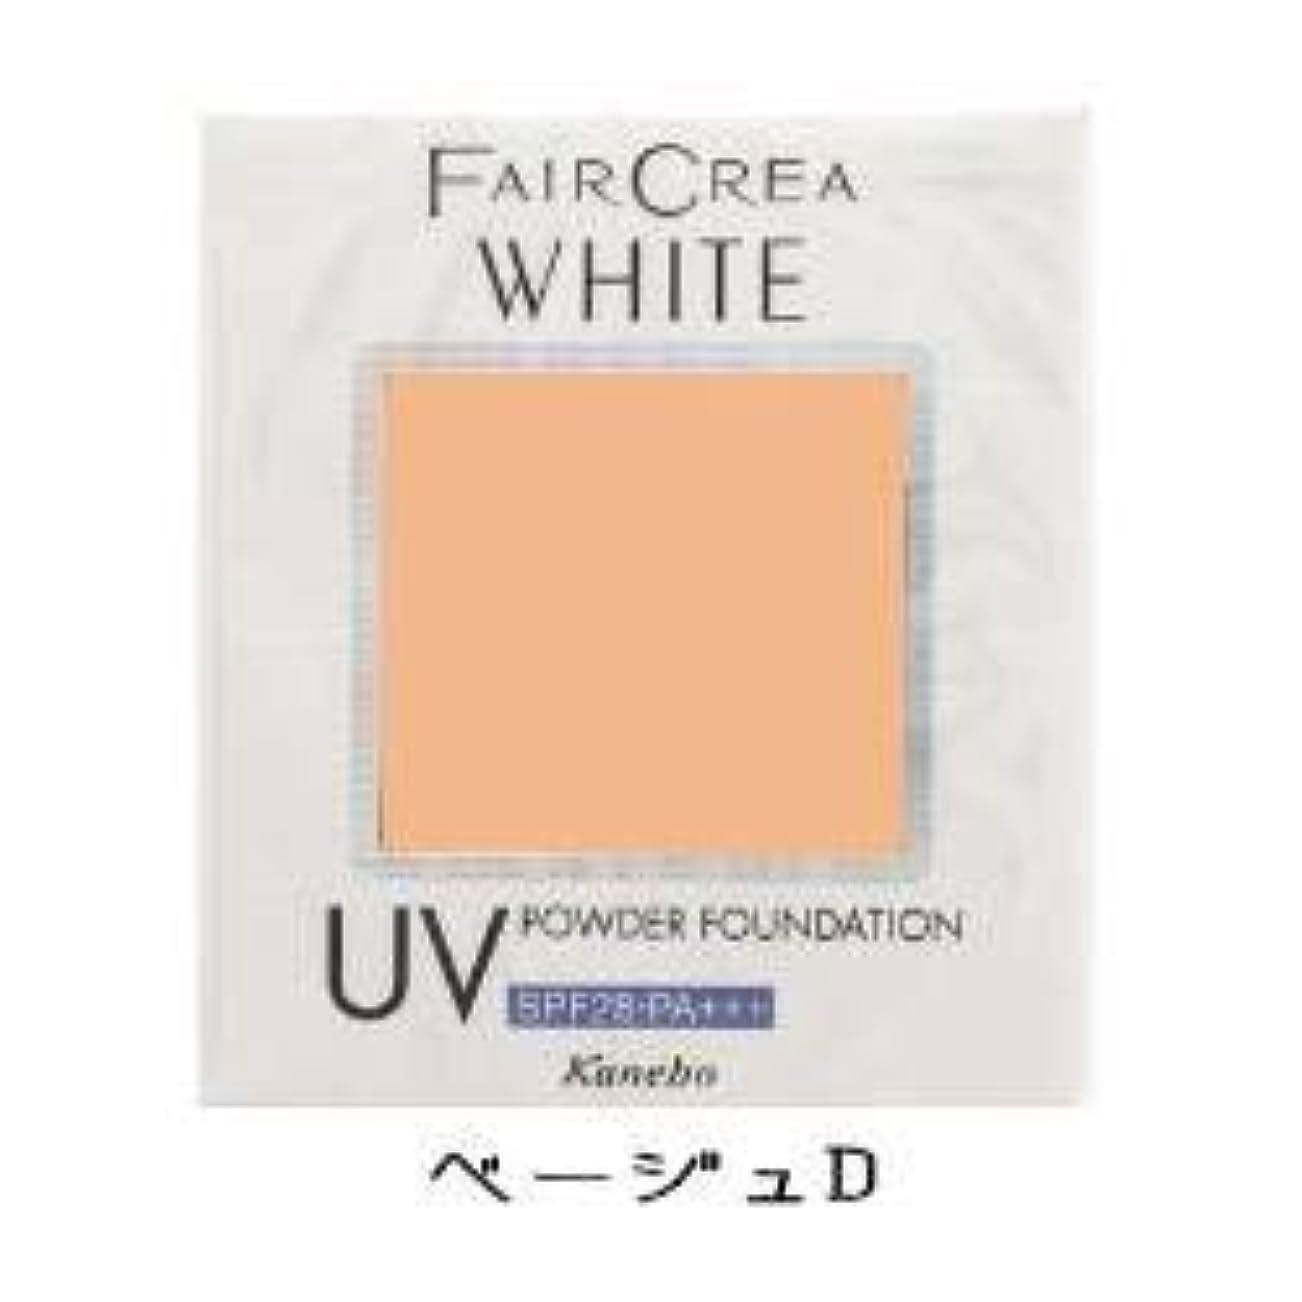 カネボウ フェアクレア ホワイトUVパウダーファンデーション ベージュ-D(10g)